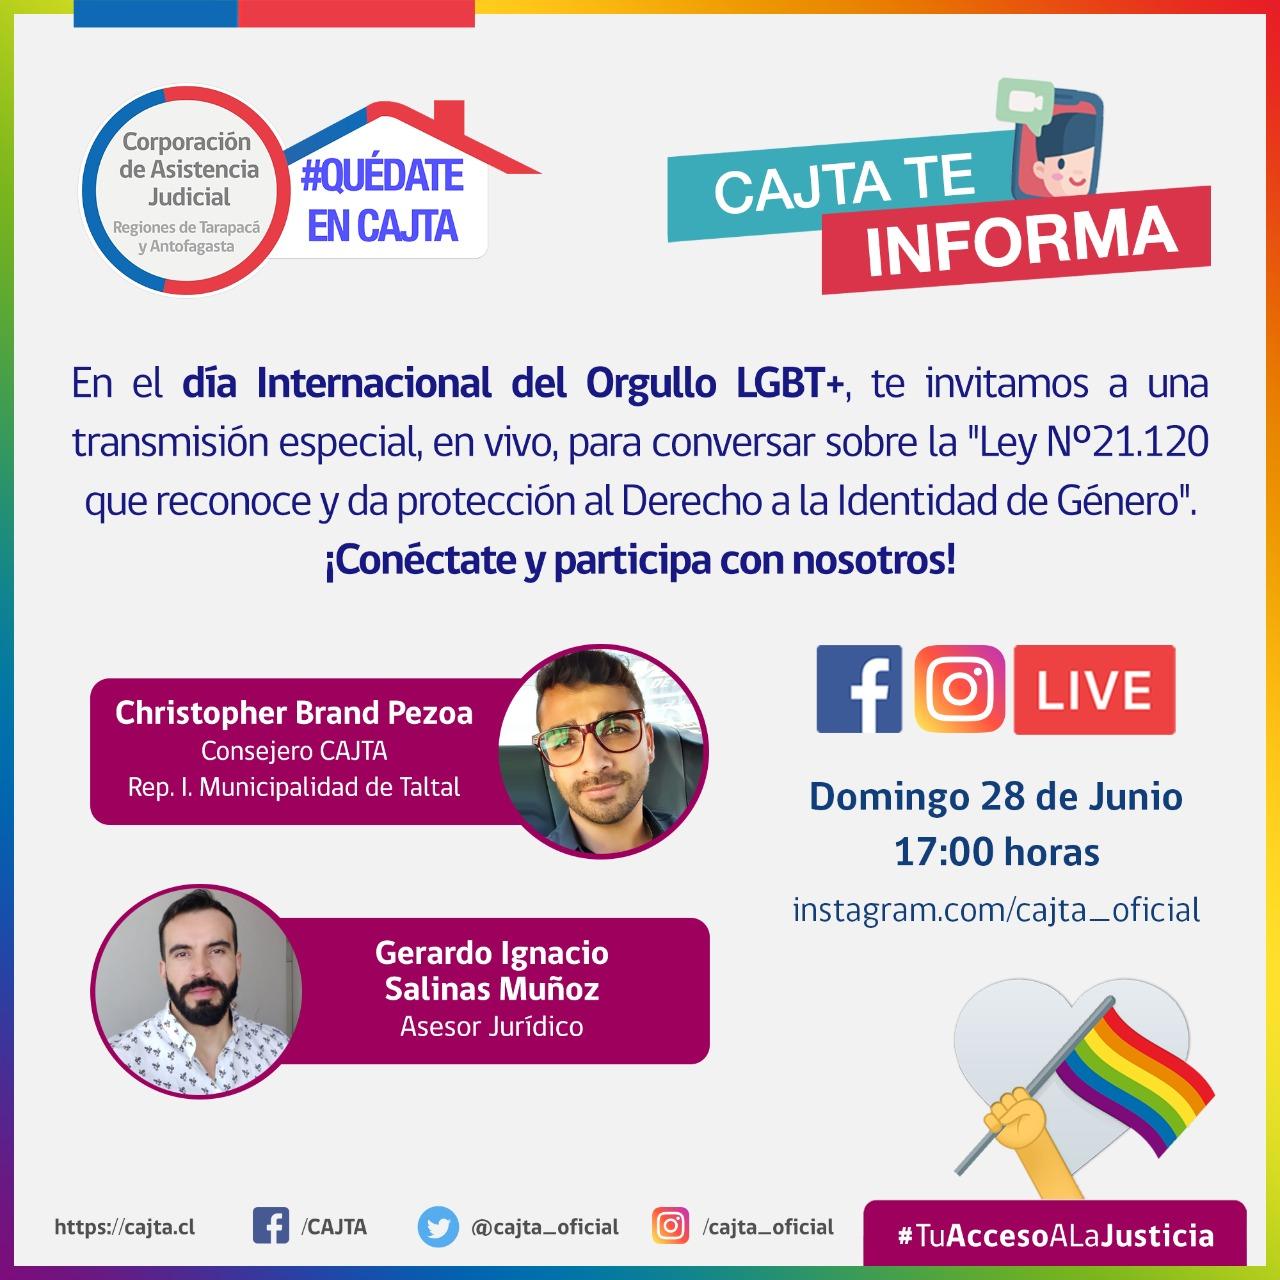 Hoy domingo 28 de junio, Día del Orgullo LGBT+ invitamos a un Programa Especial vía Instagram Live